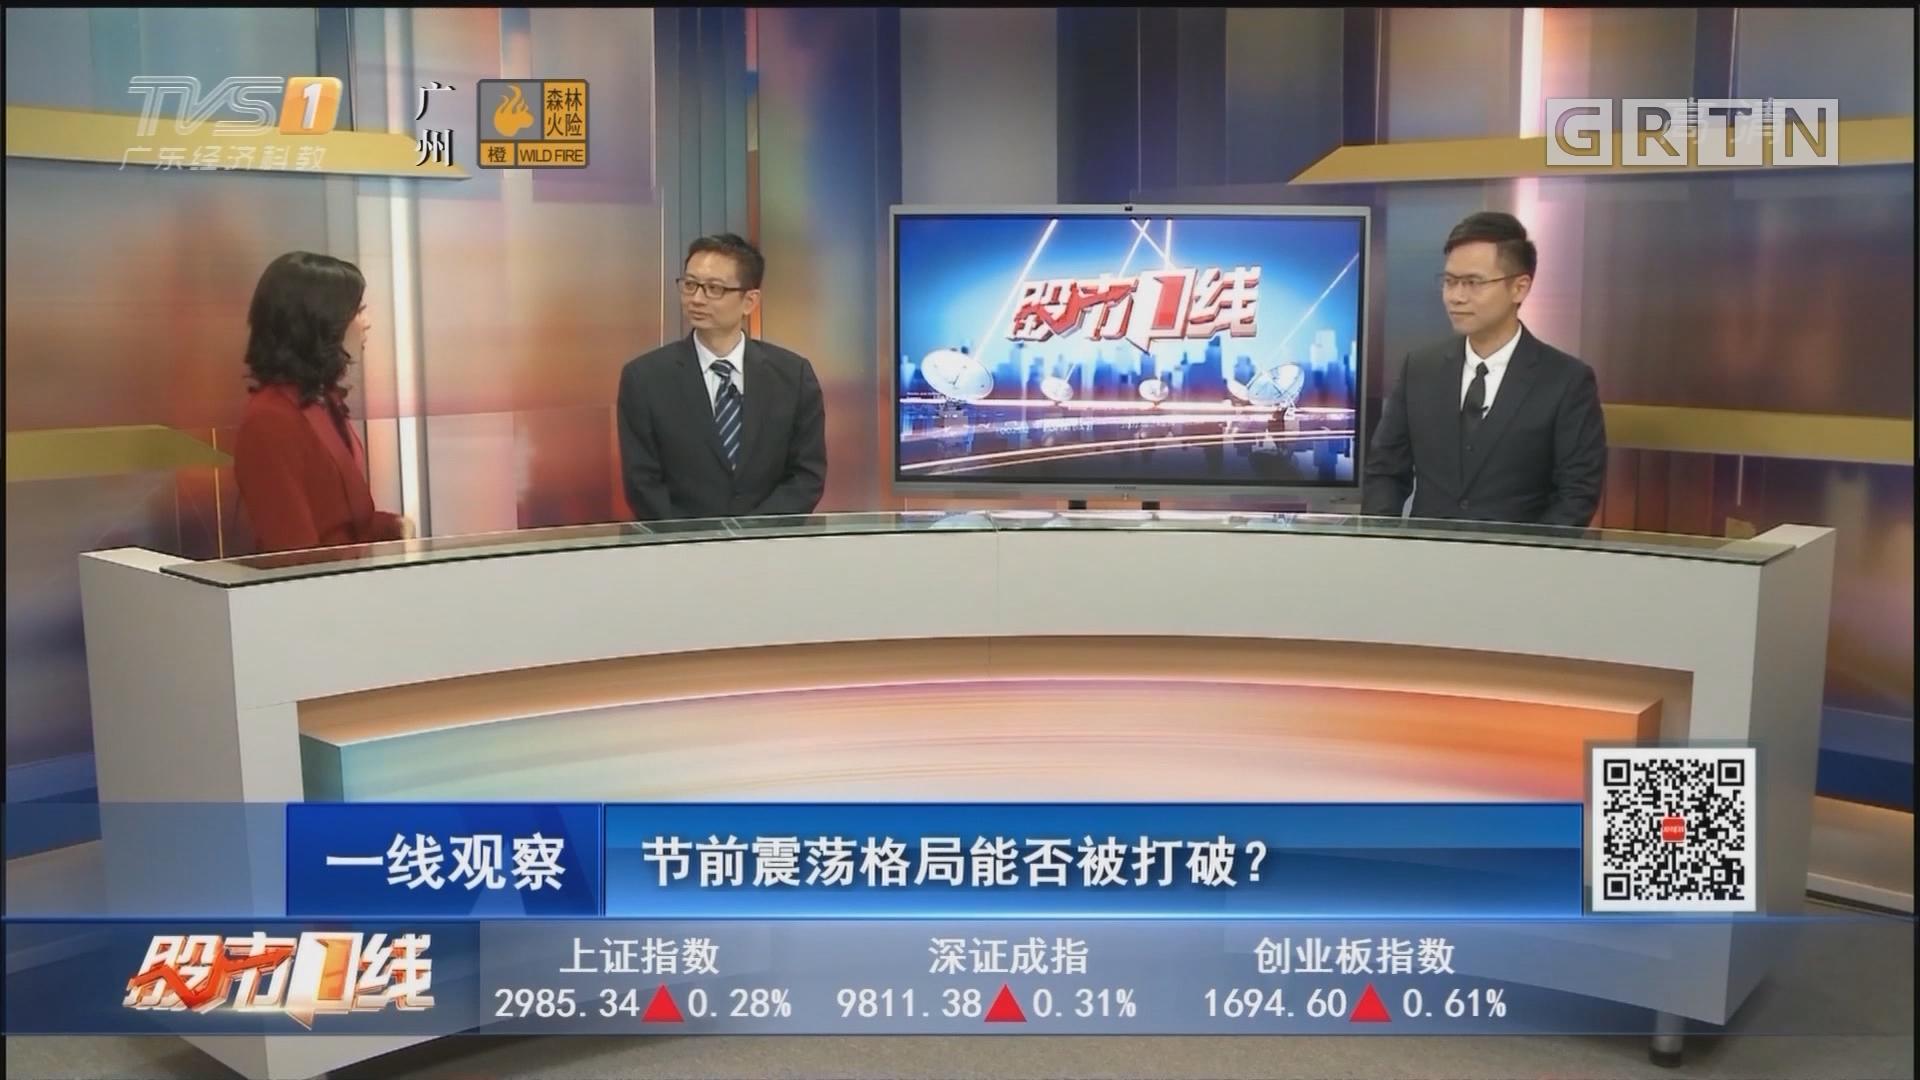 [HD][2019-09-24]股市一线:节前震荡格局能否被打破?